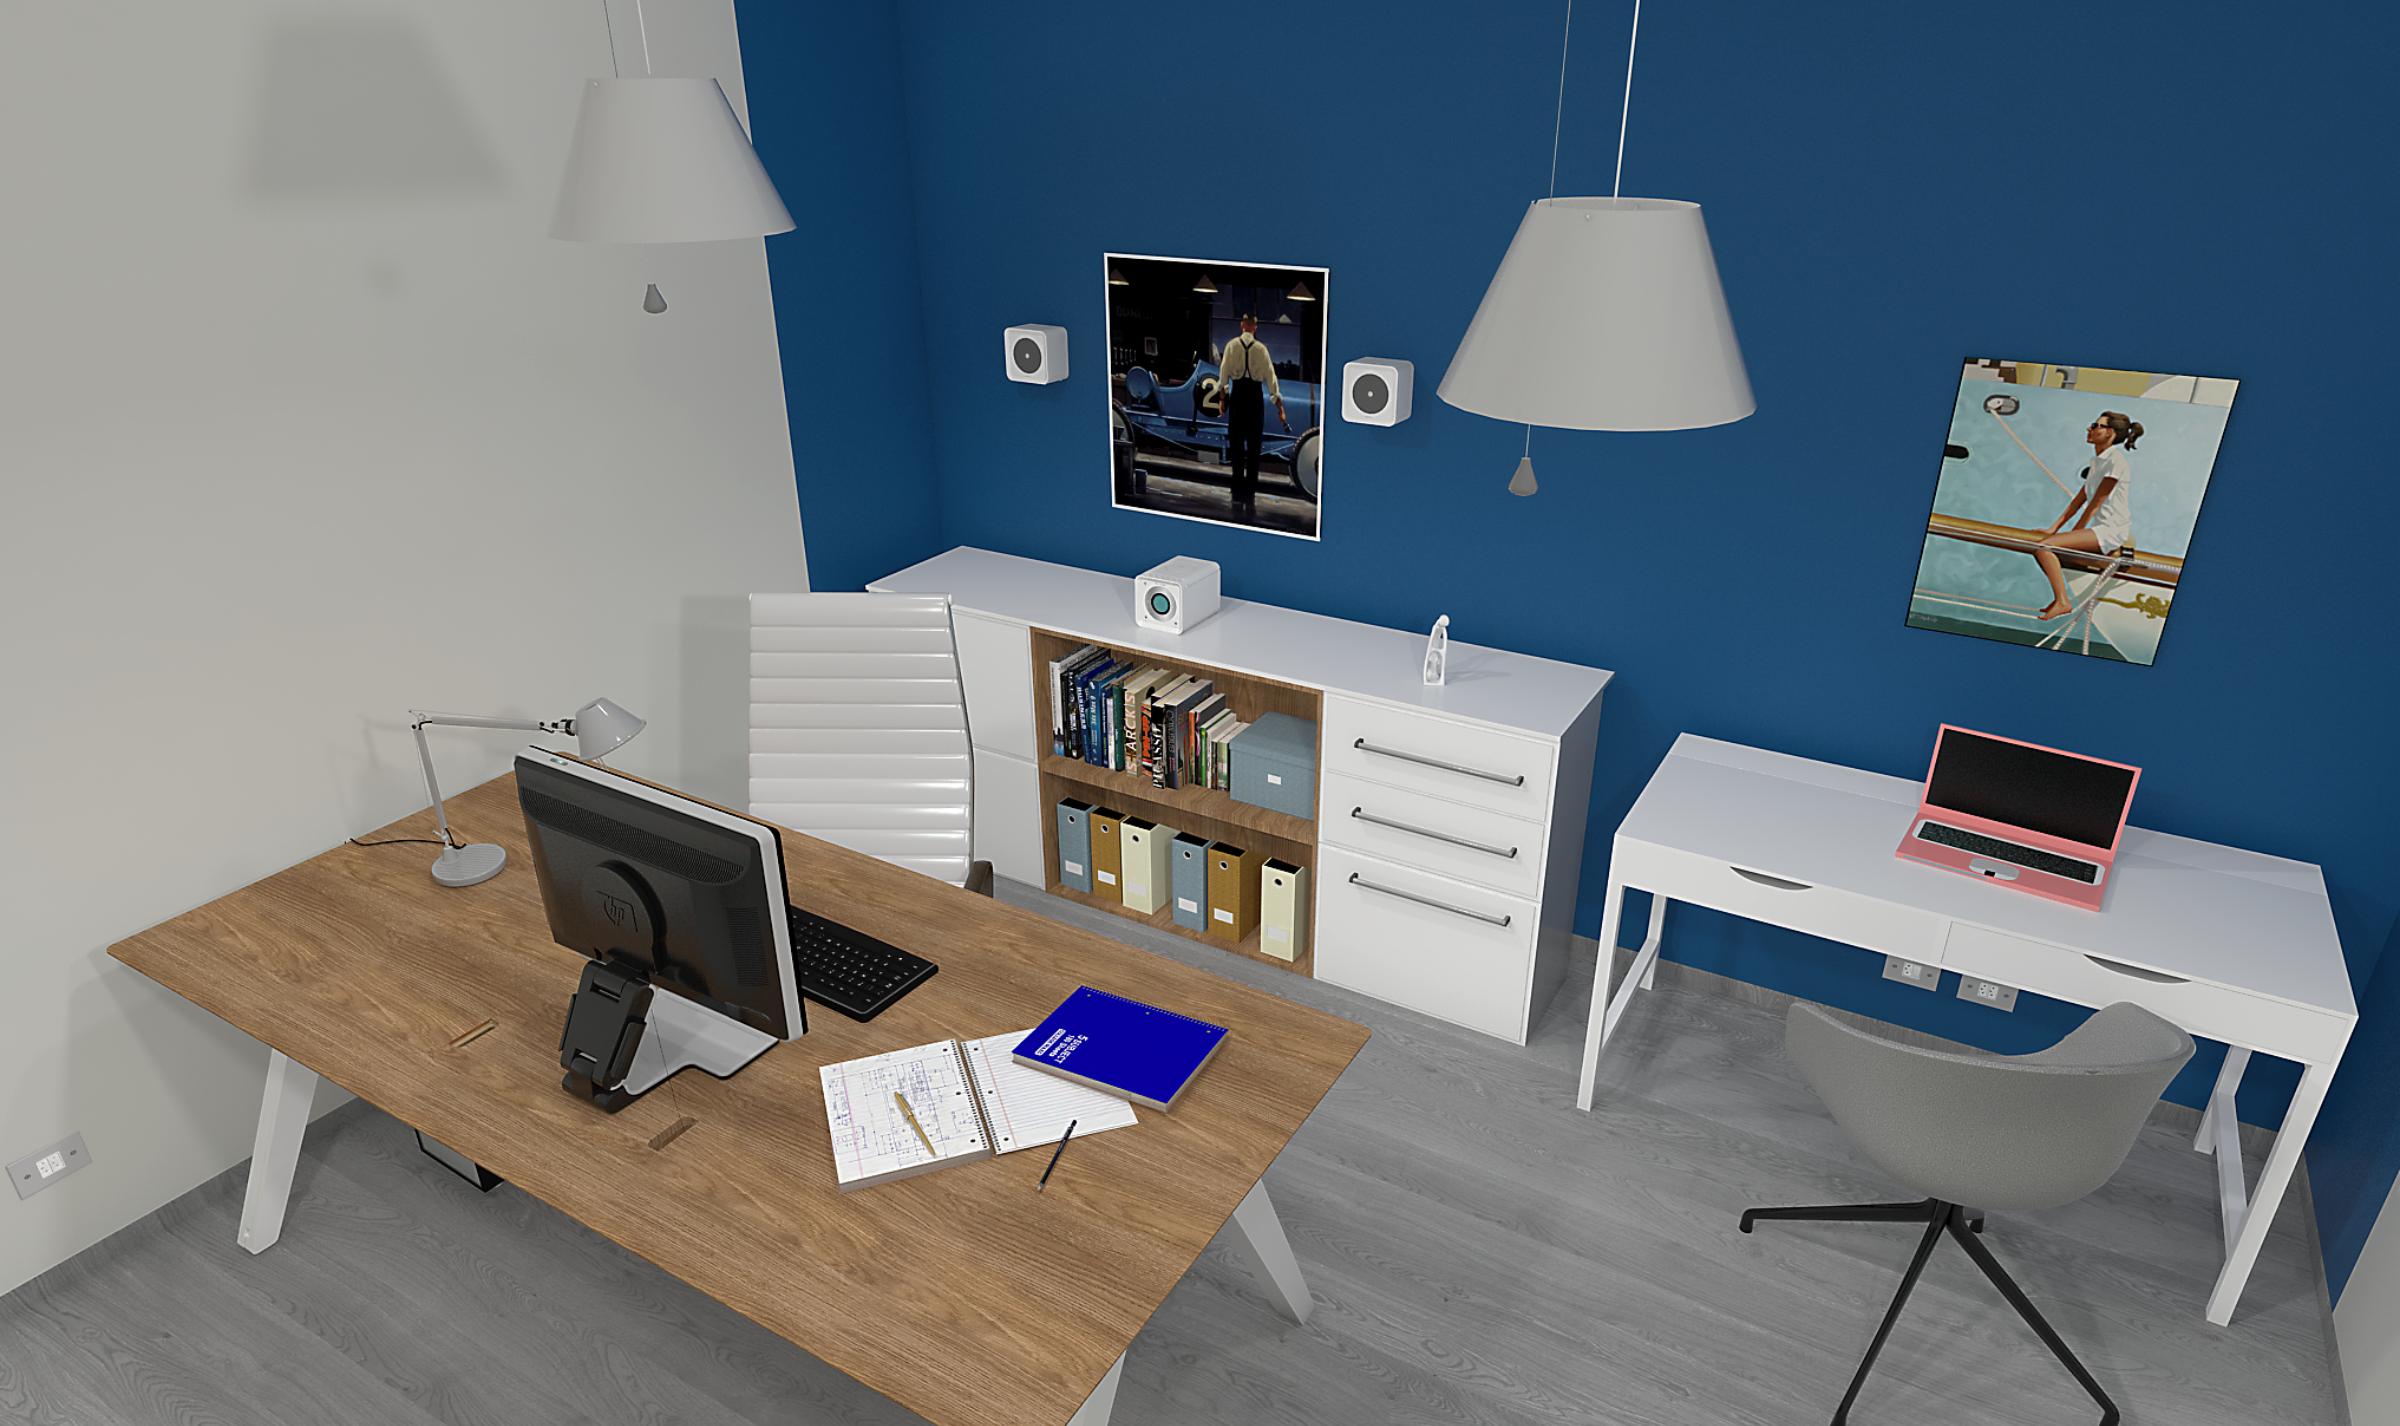 Ikea Zona Ufficio : Arredare la zona ufficio in casa stando attenti al budget